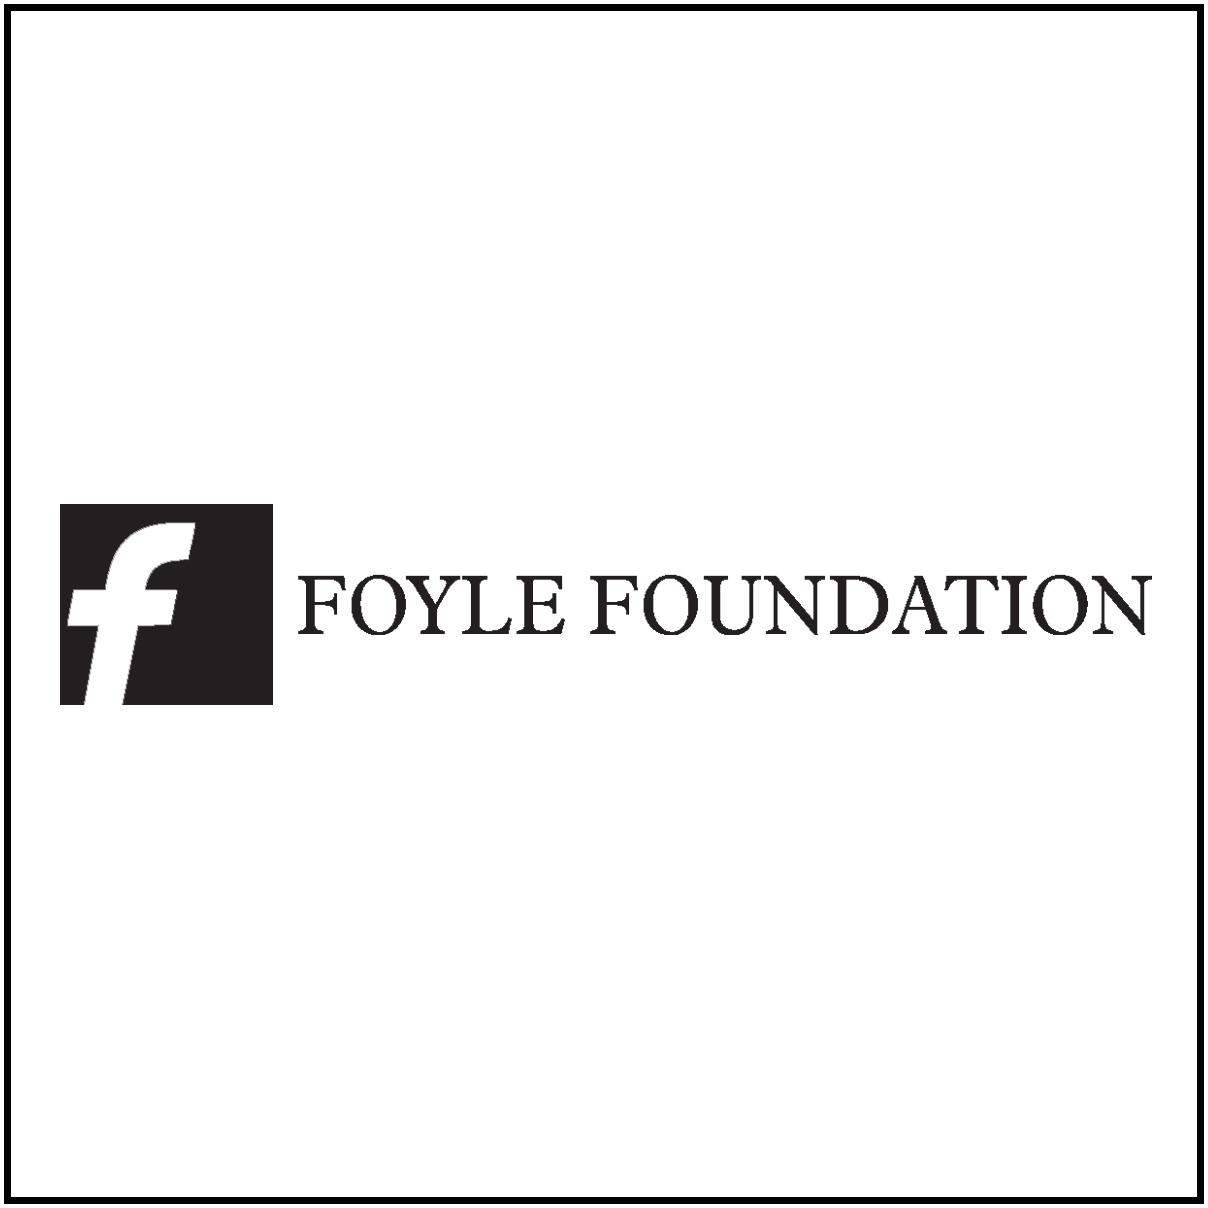 Foyle Foundation logo